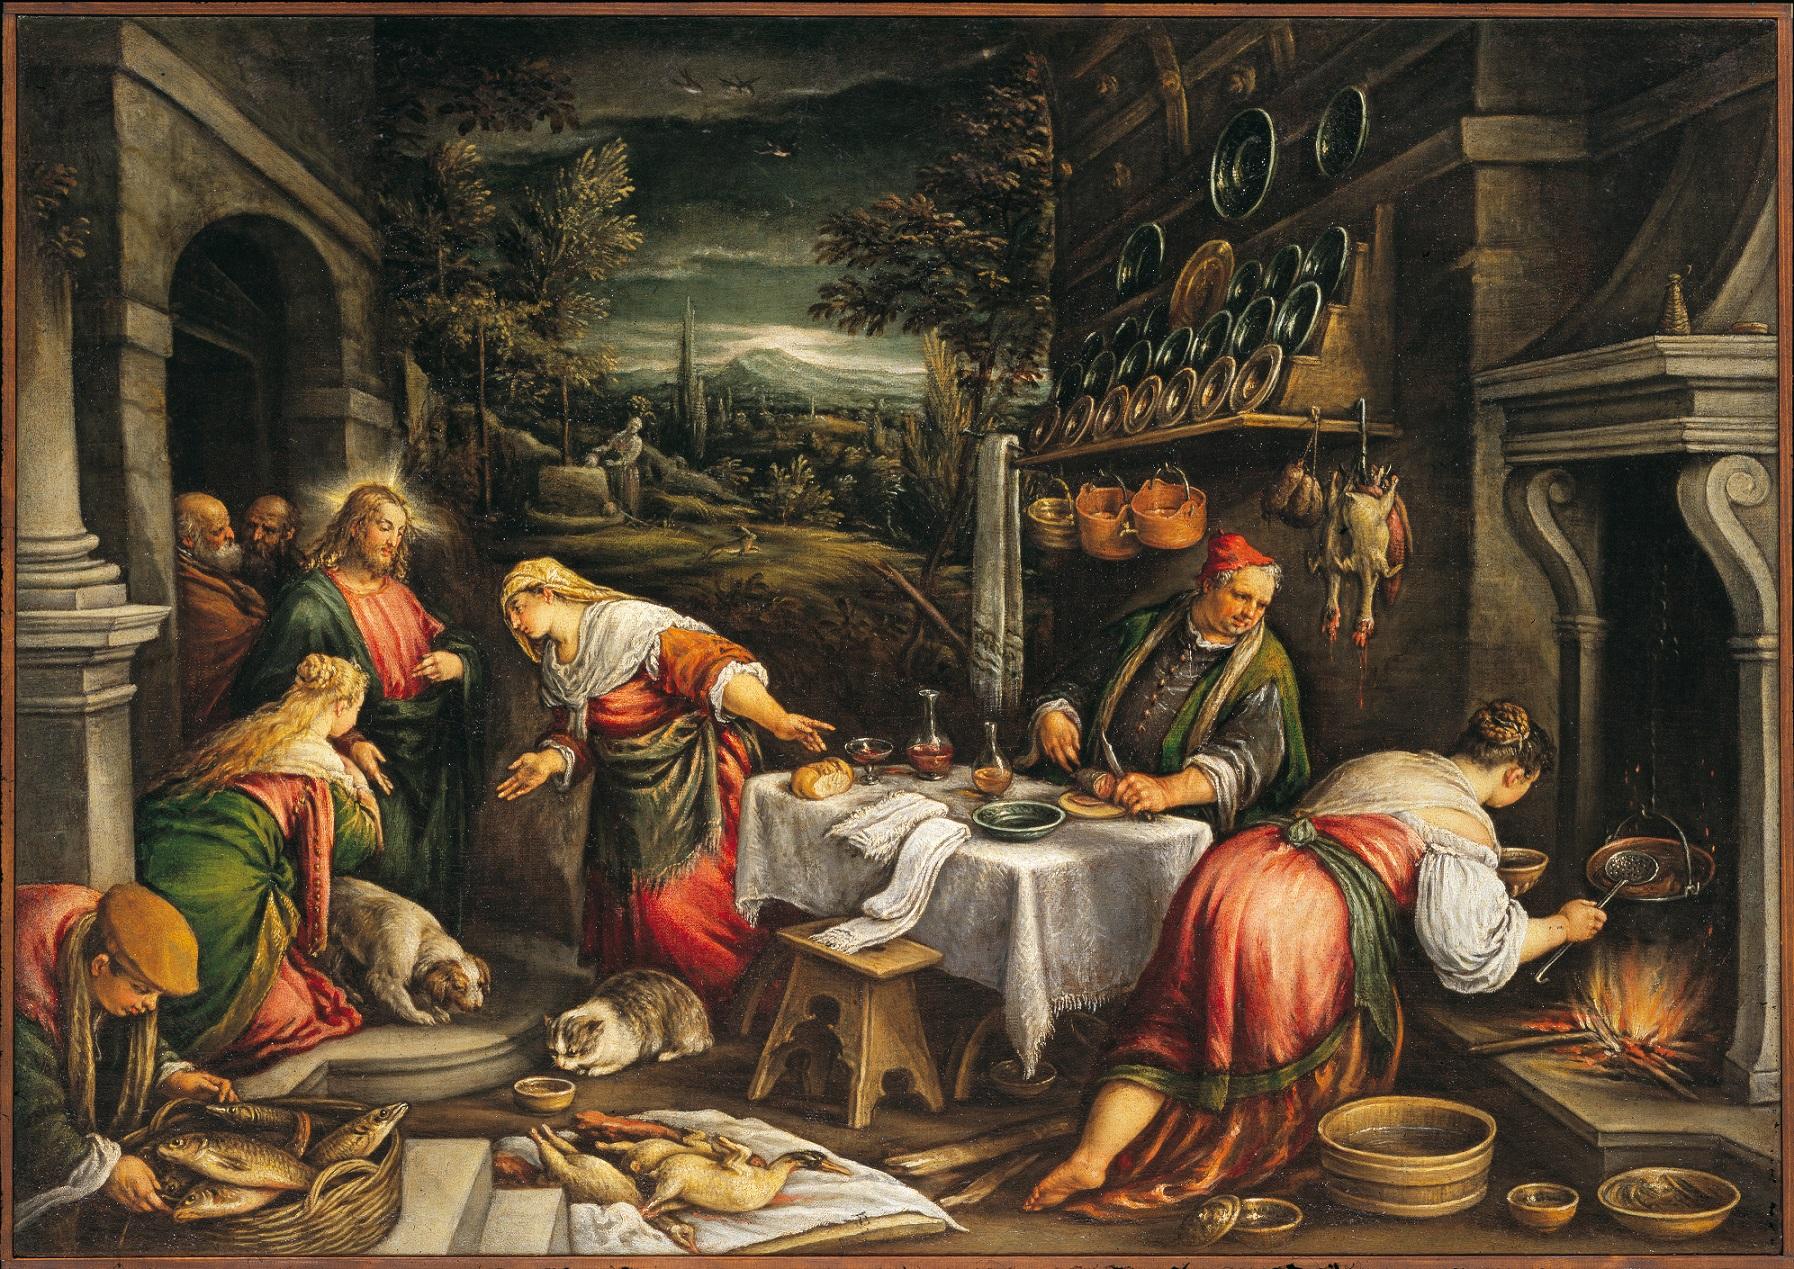 nelle antiche cucine cucine storiche e cucine dipinte On la cucina e arte